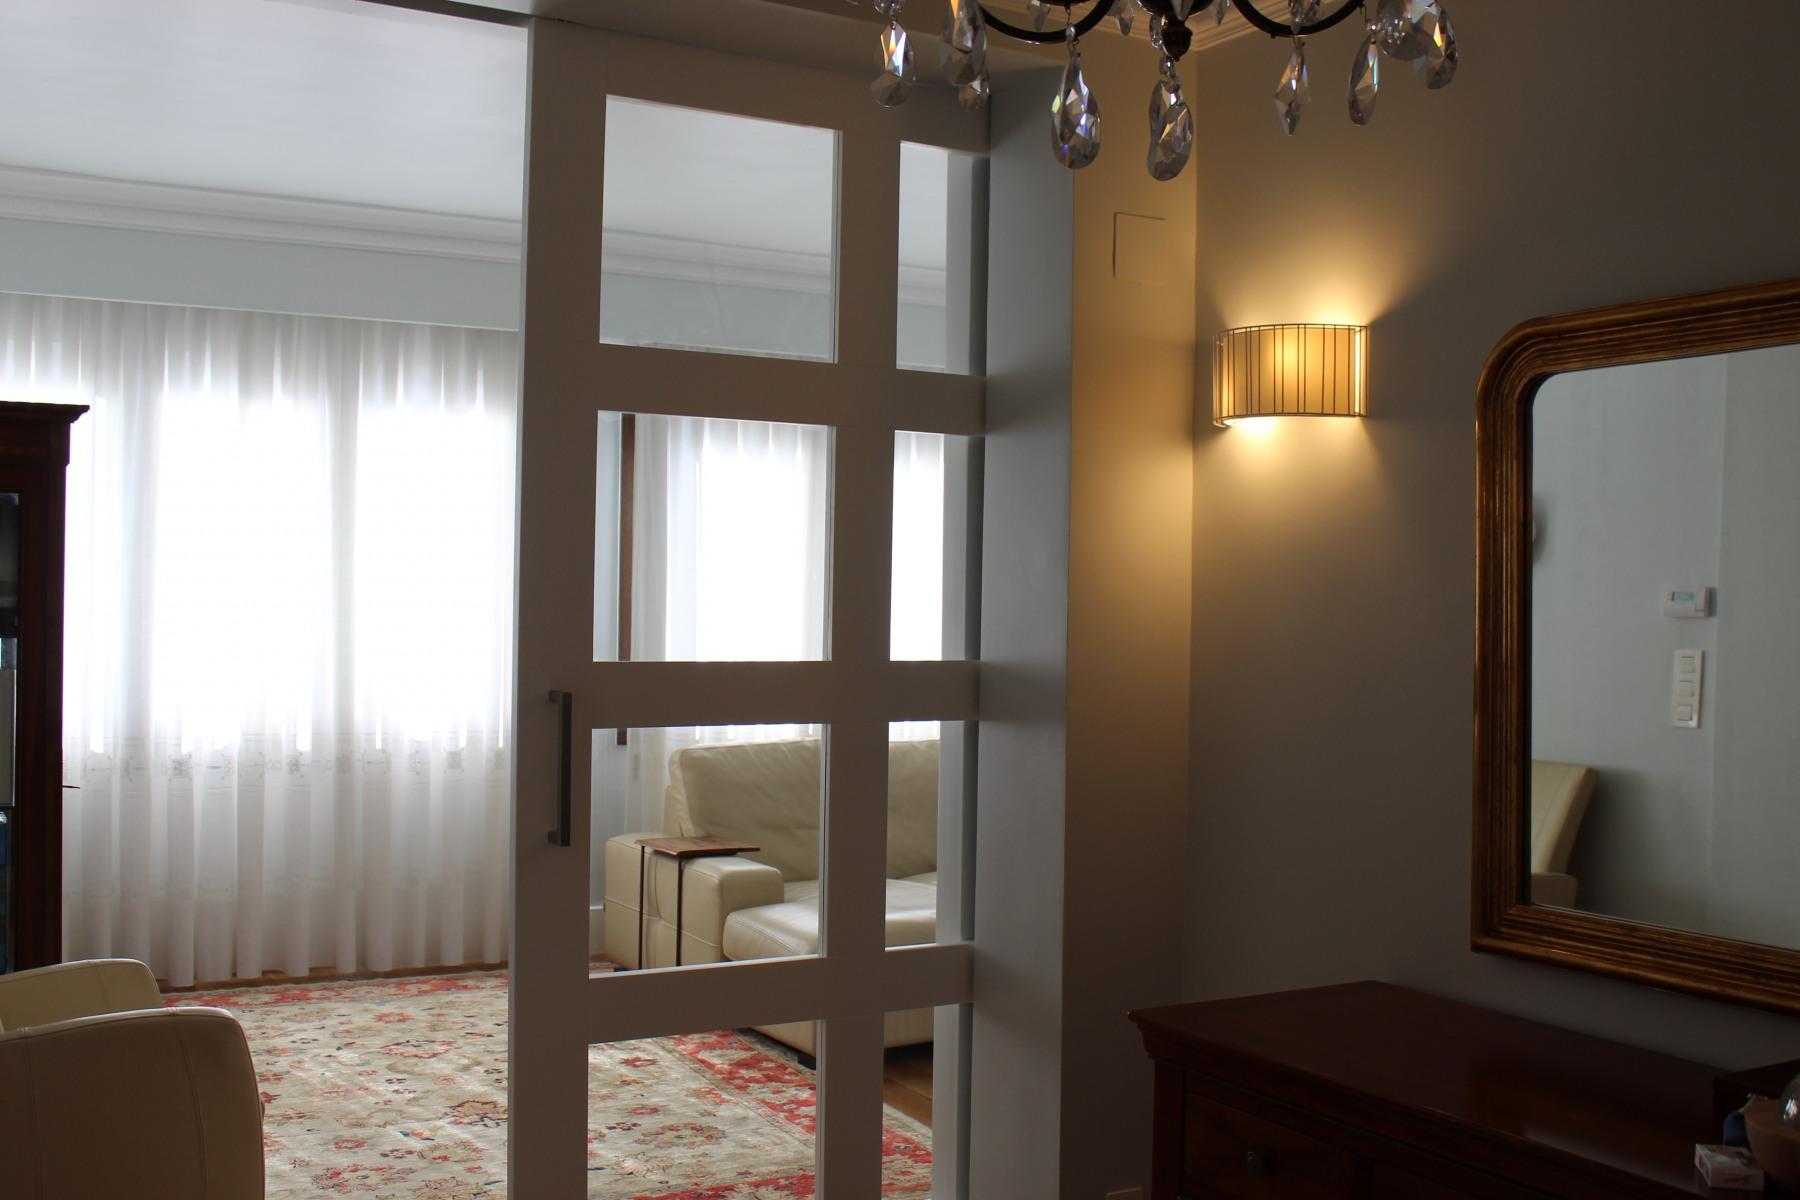 Reformar Casa Antigua Simple Casa Antigua Para Reformar Ventas  ~ Cuanto Cuesta Reformar Una Casa Vieja